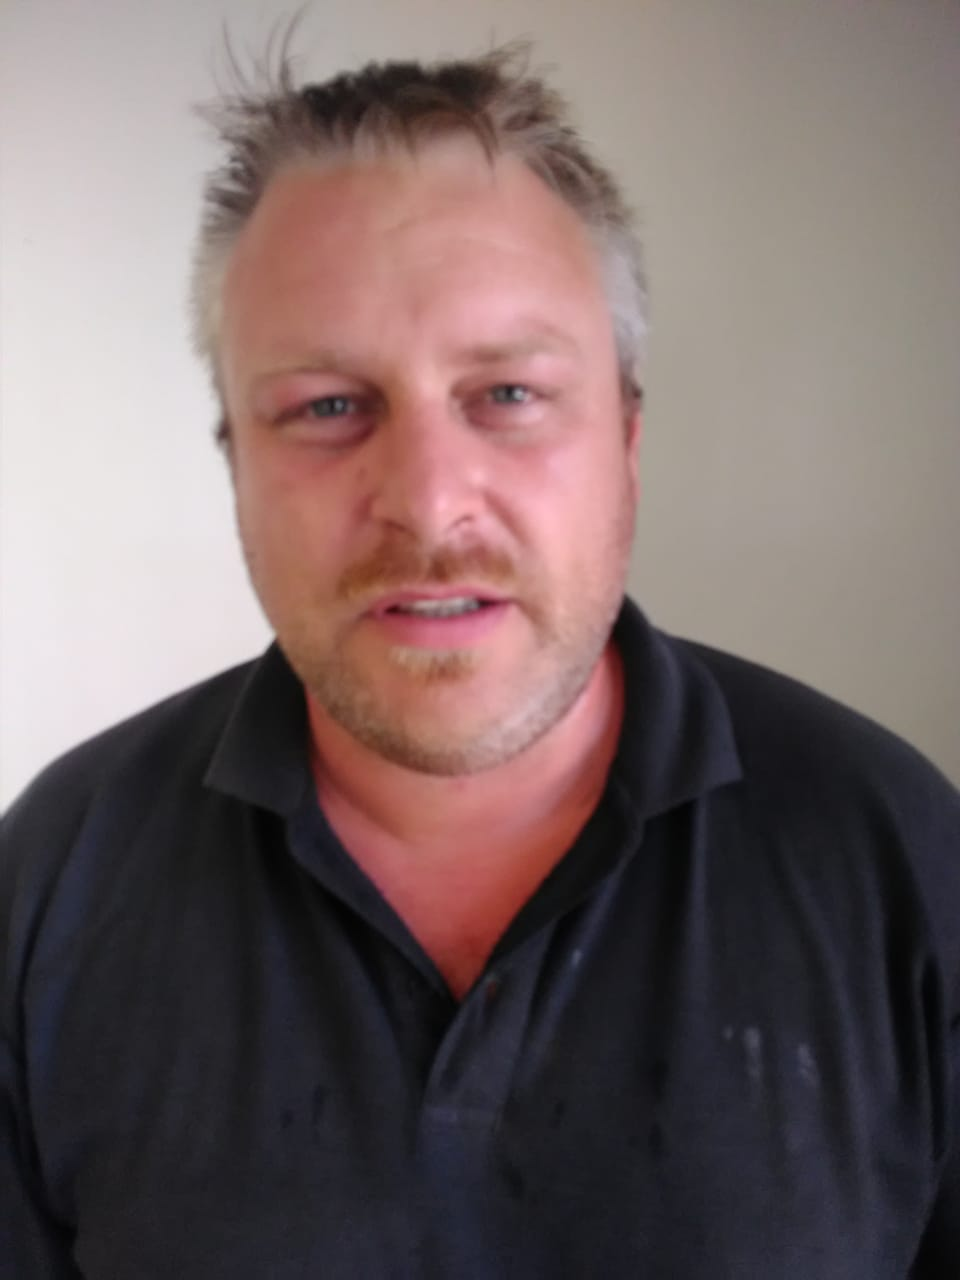 Reghardt Bretzke - AI Manager Ch2